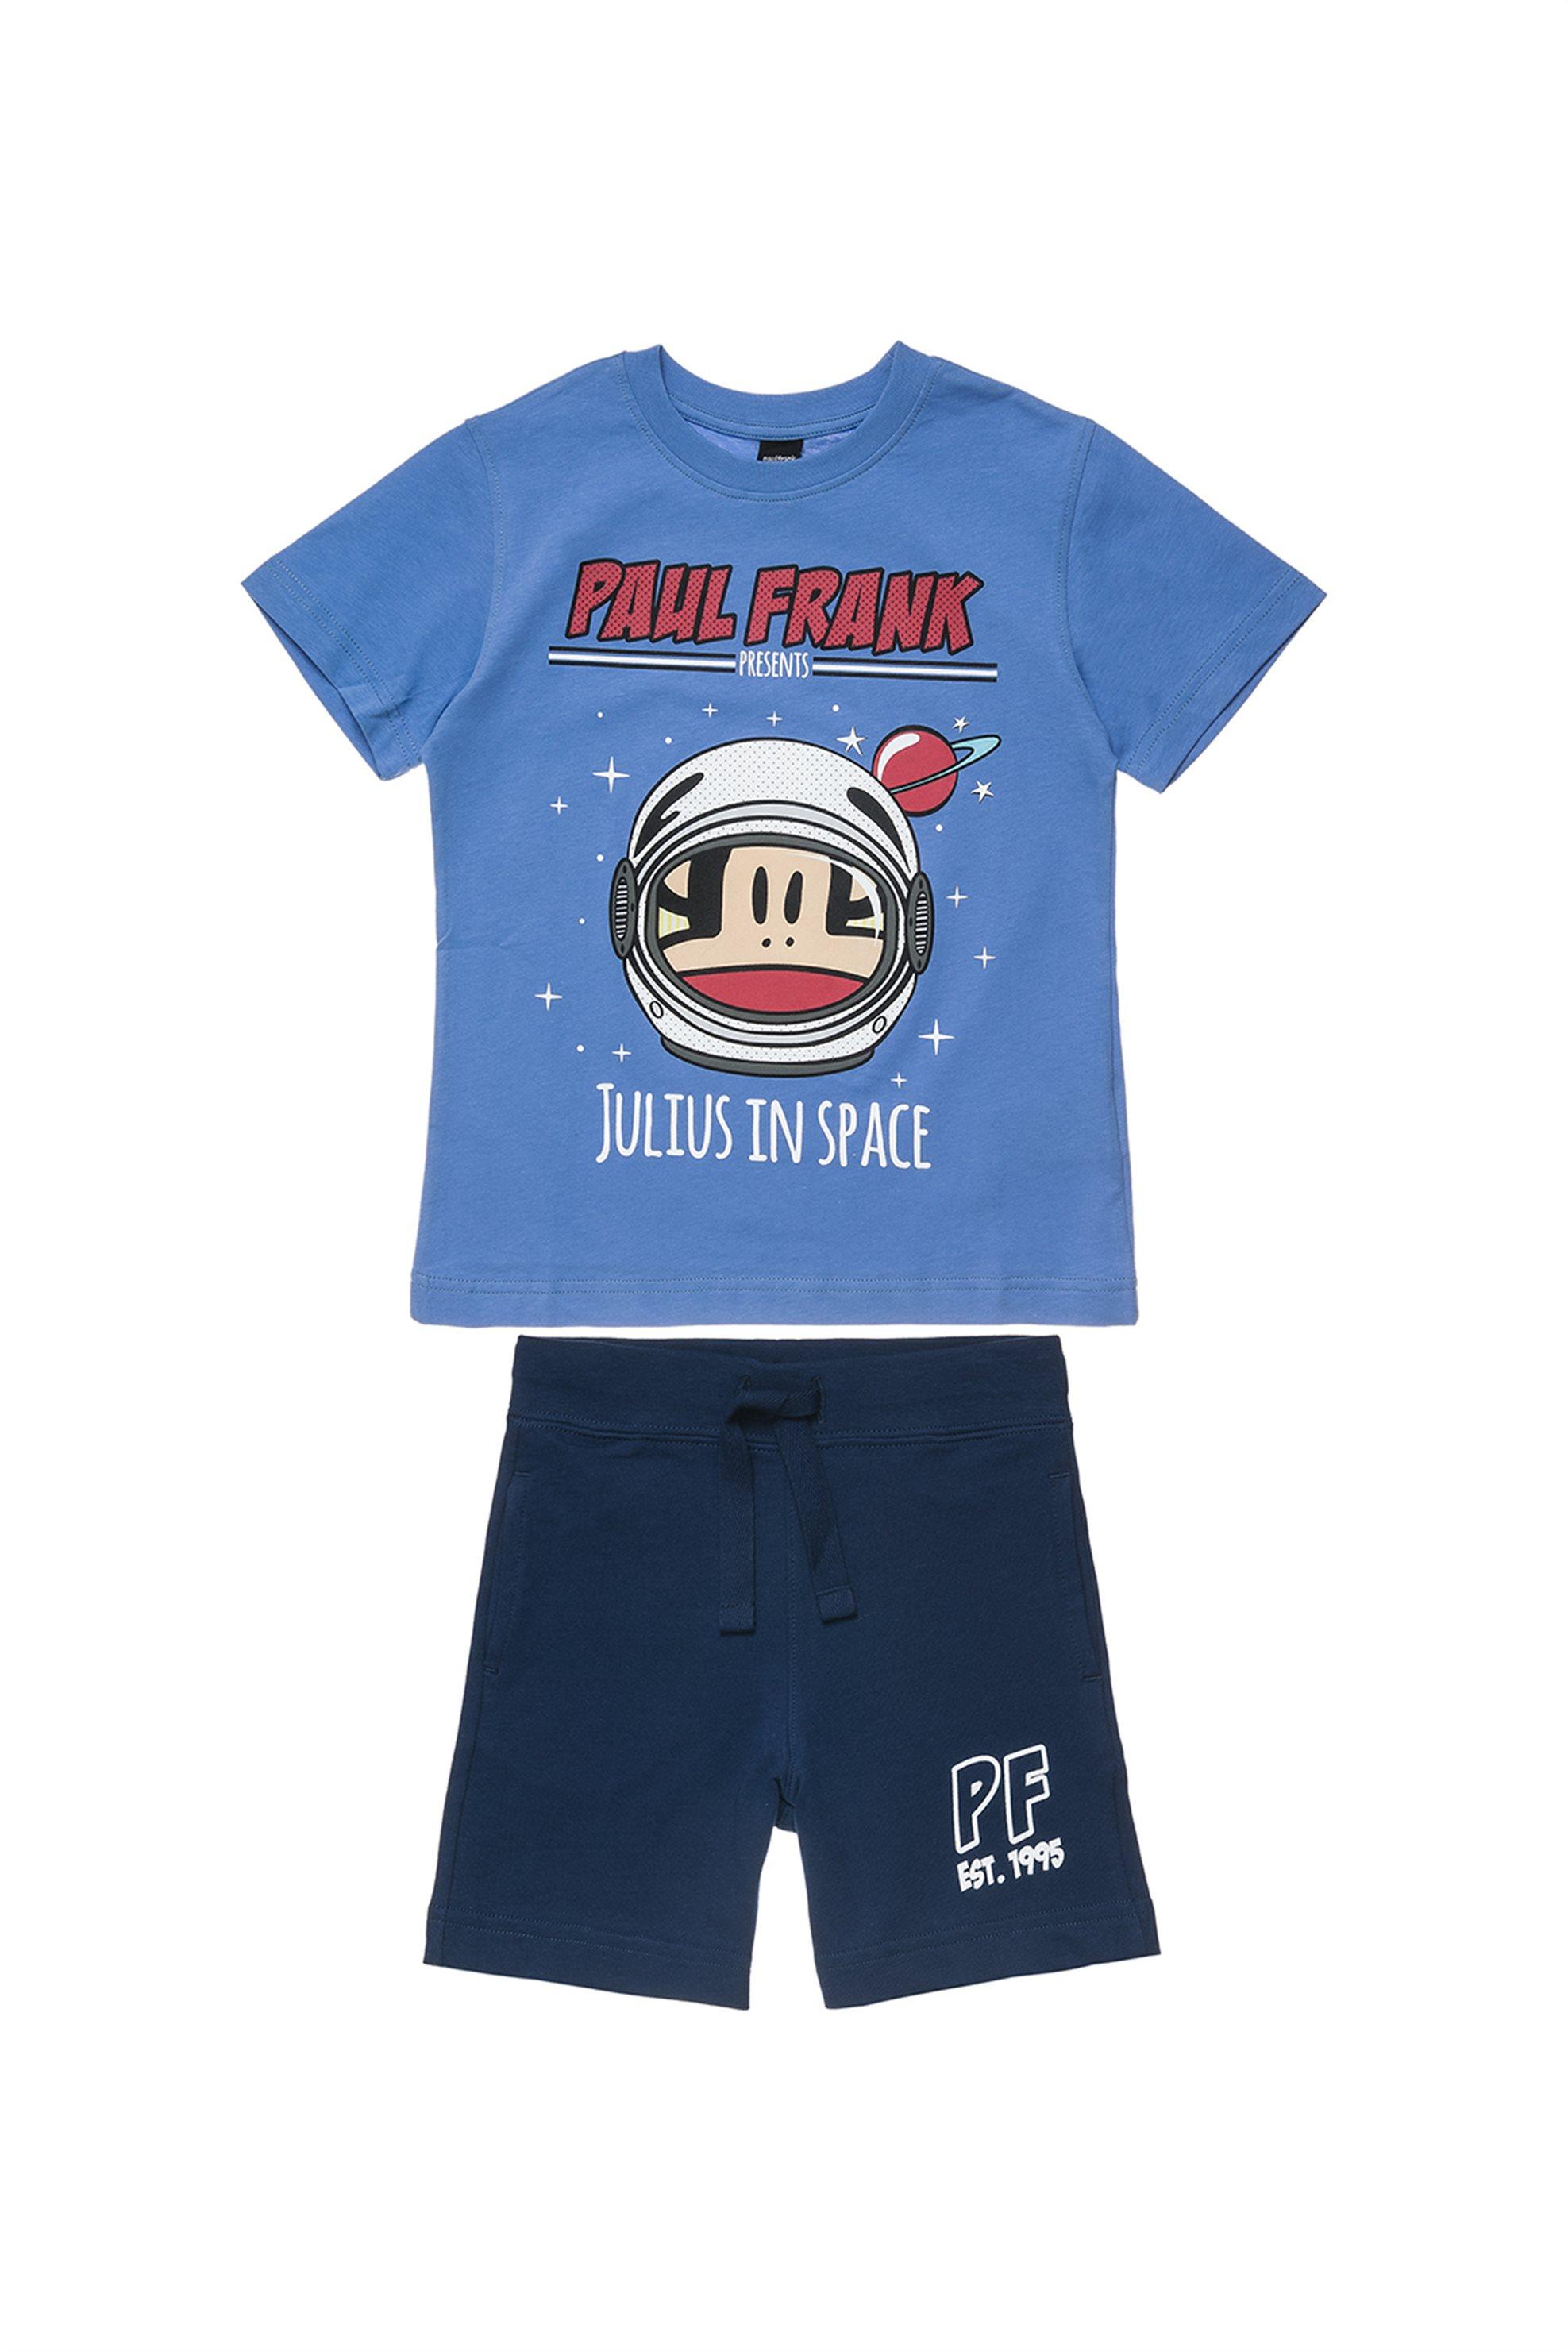 Παιδικό σετ T-shirt print και βερμούδα Paul Frank Collection - 00370478 - Μπλε παιδι   βρεφικα αγορι   0 3 ετων   αγορι   4 14 ετων   ρούχα   σετ ρούχων   σετ